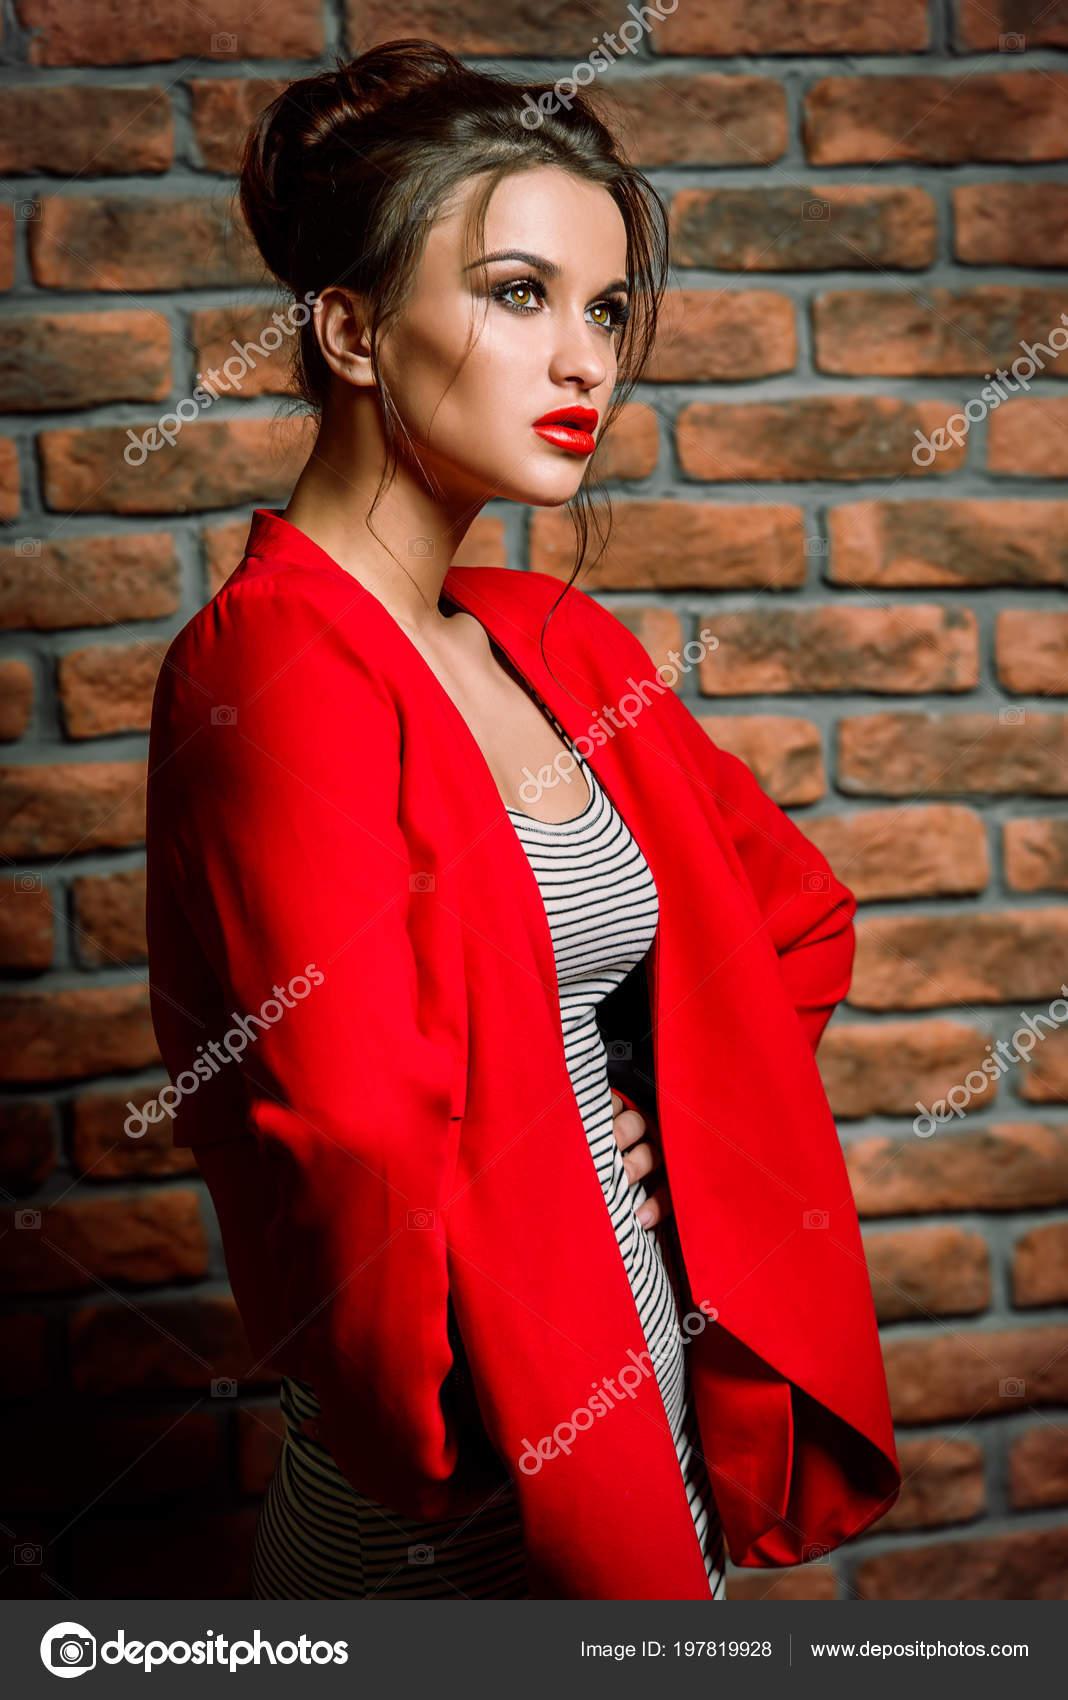 ca1dd817eeda Μόδα πλάνο του μια όμορφη νεαρή γυναίκα σε ριγέ τοποθέτηση φόρεμα και  κόκκινο σακάκι. Studio που γυρίστηκε — Εικόνα από ...